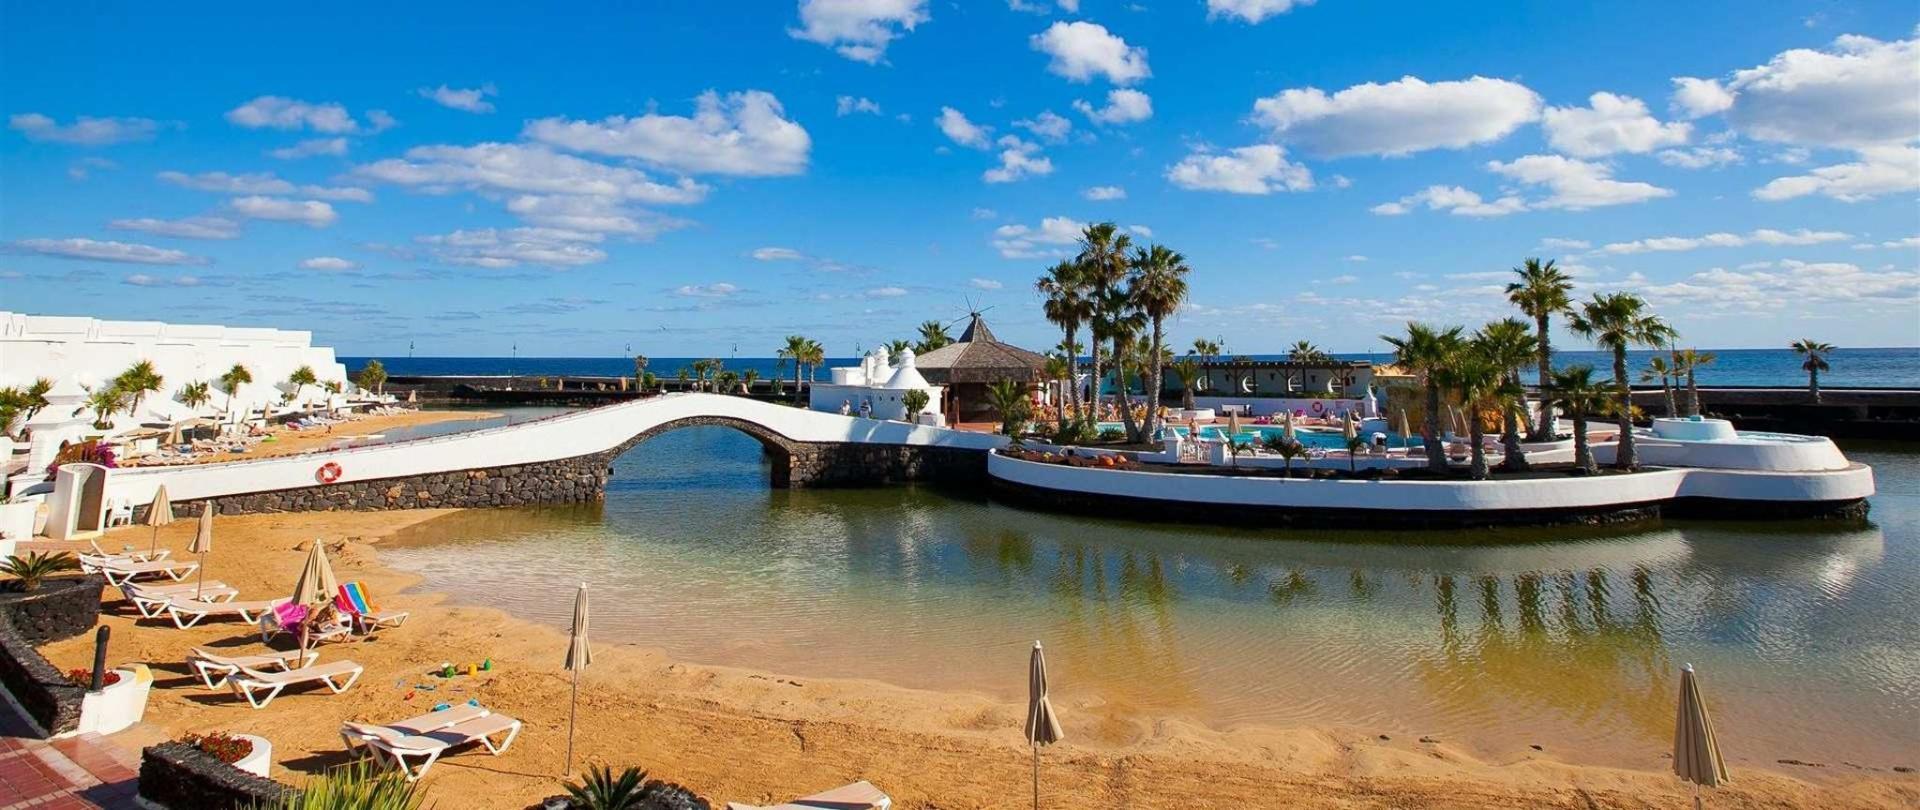 Sands Beach Resort Costa Teguise Reviews